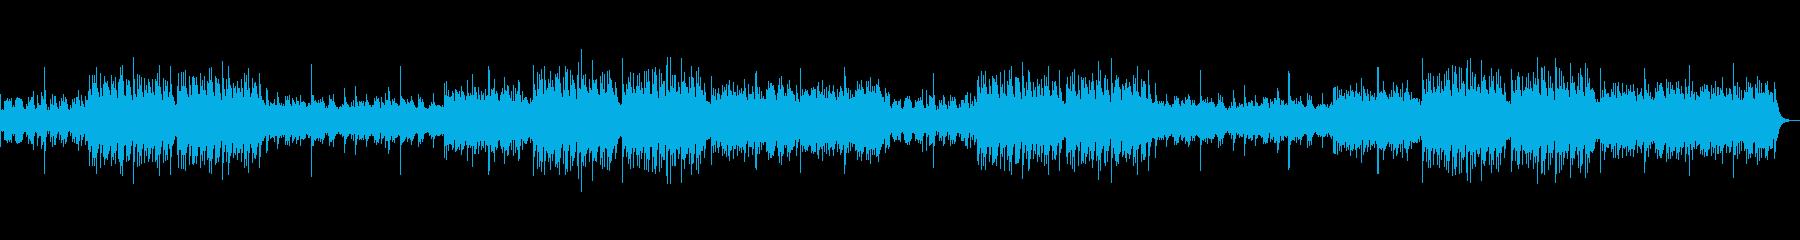 ゆったりとした琴 和食屋に合う曲の再生済みの波形